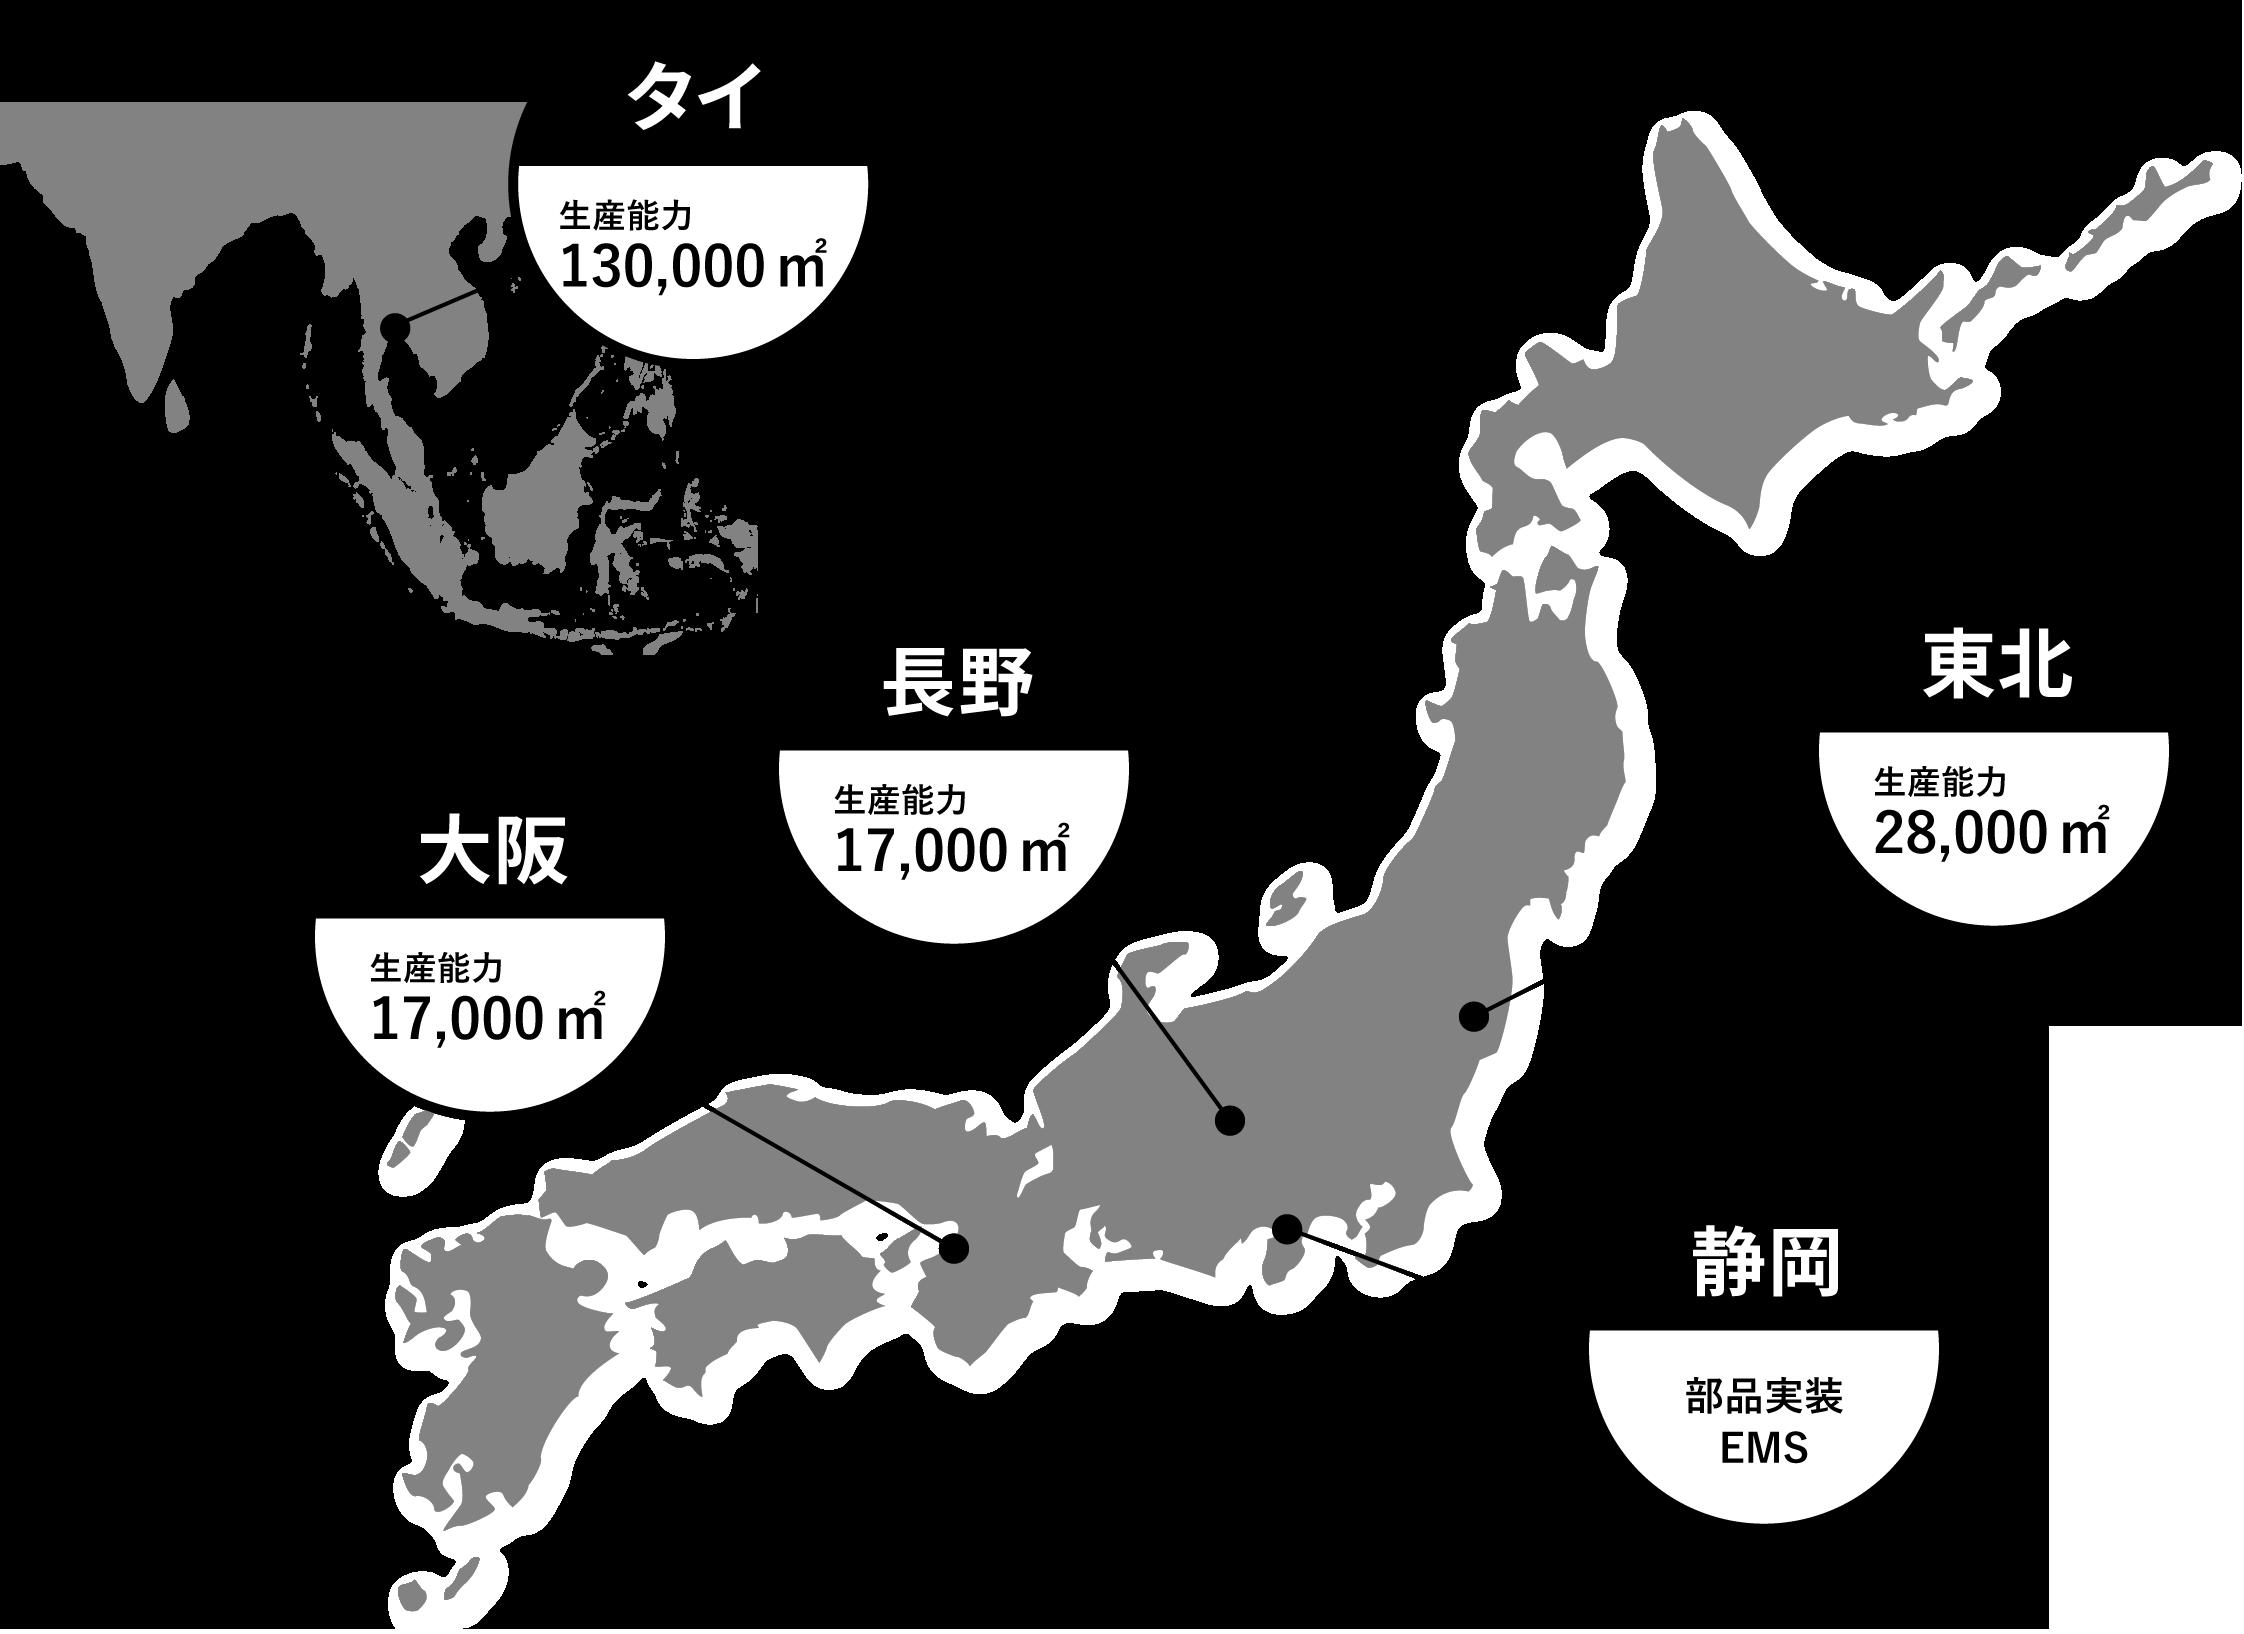 タイ生産能力130,000m²大阪生産能力17,000m²長野生産能力17,000m²東北生産能力28,000m²静岡板金、射出成形最終製品組立